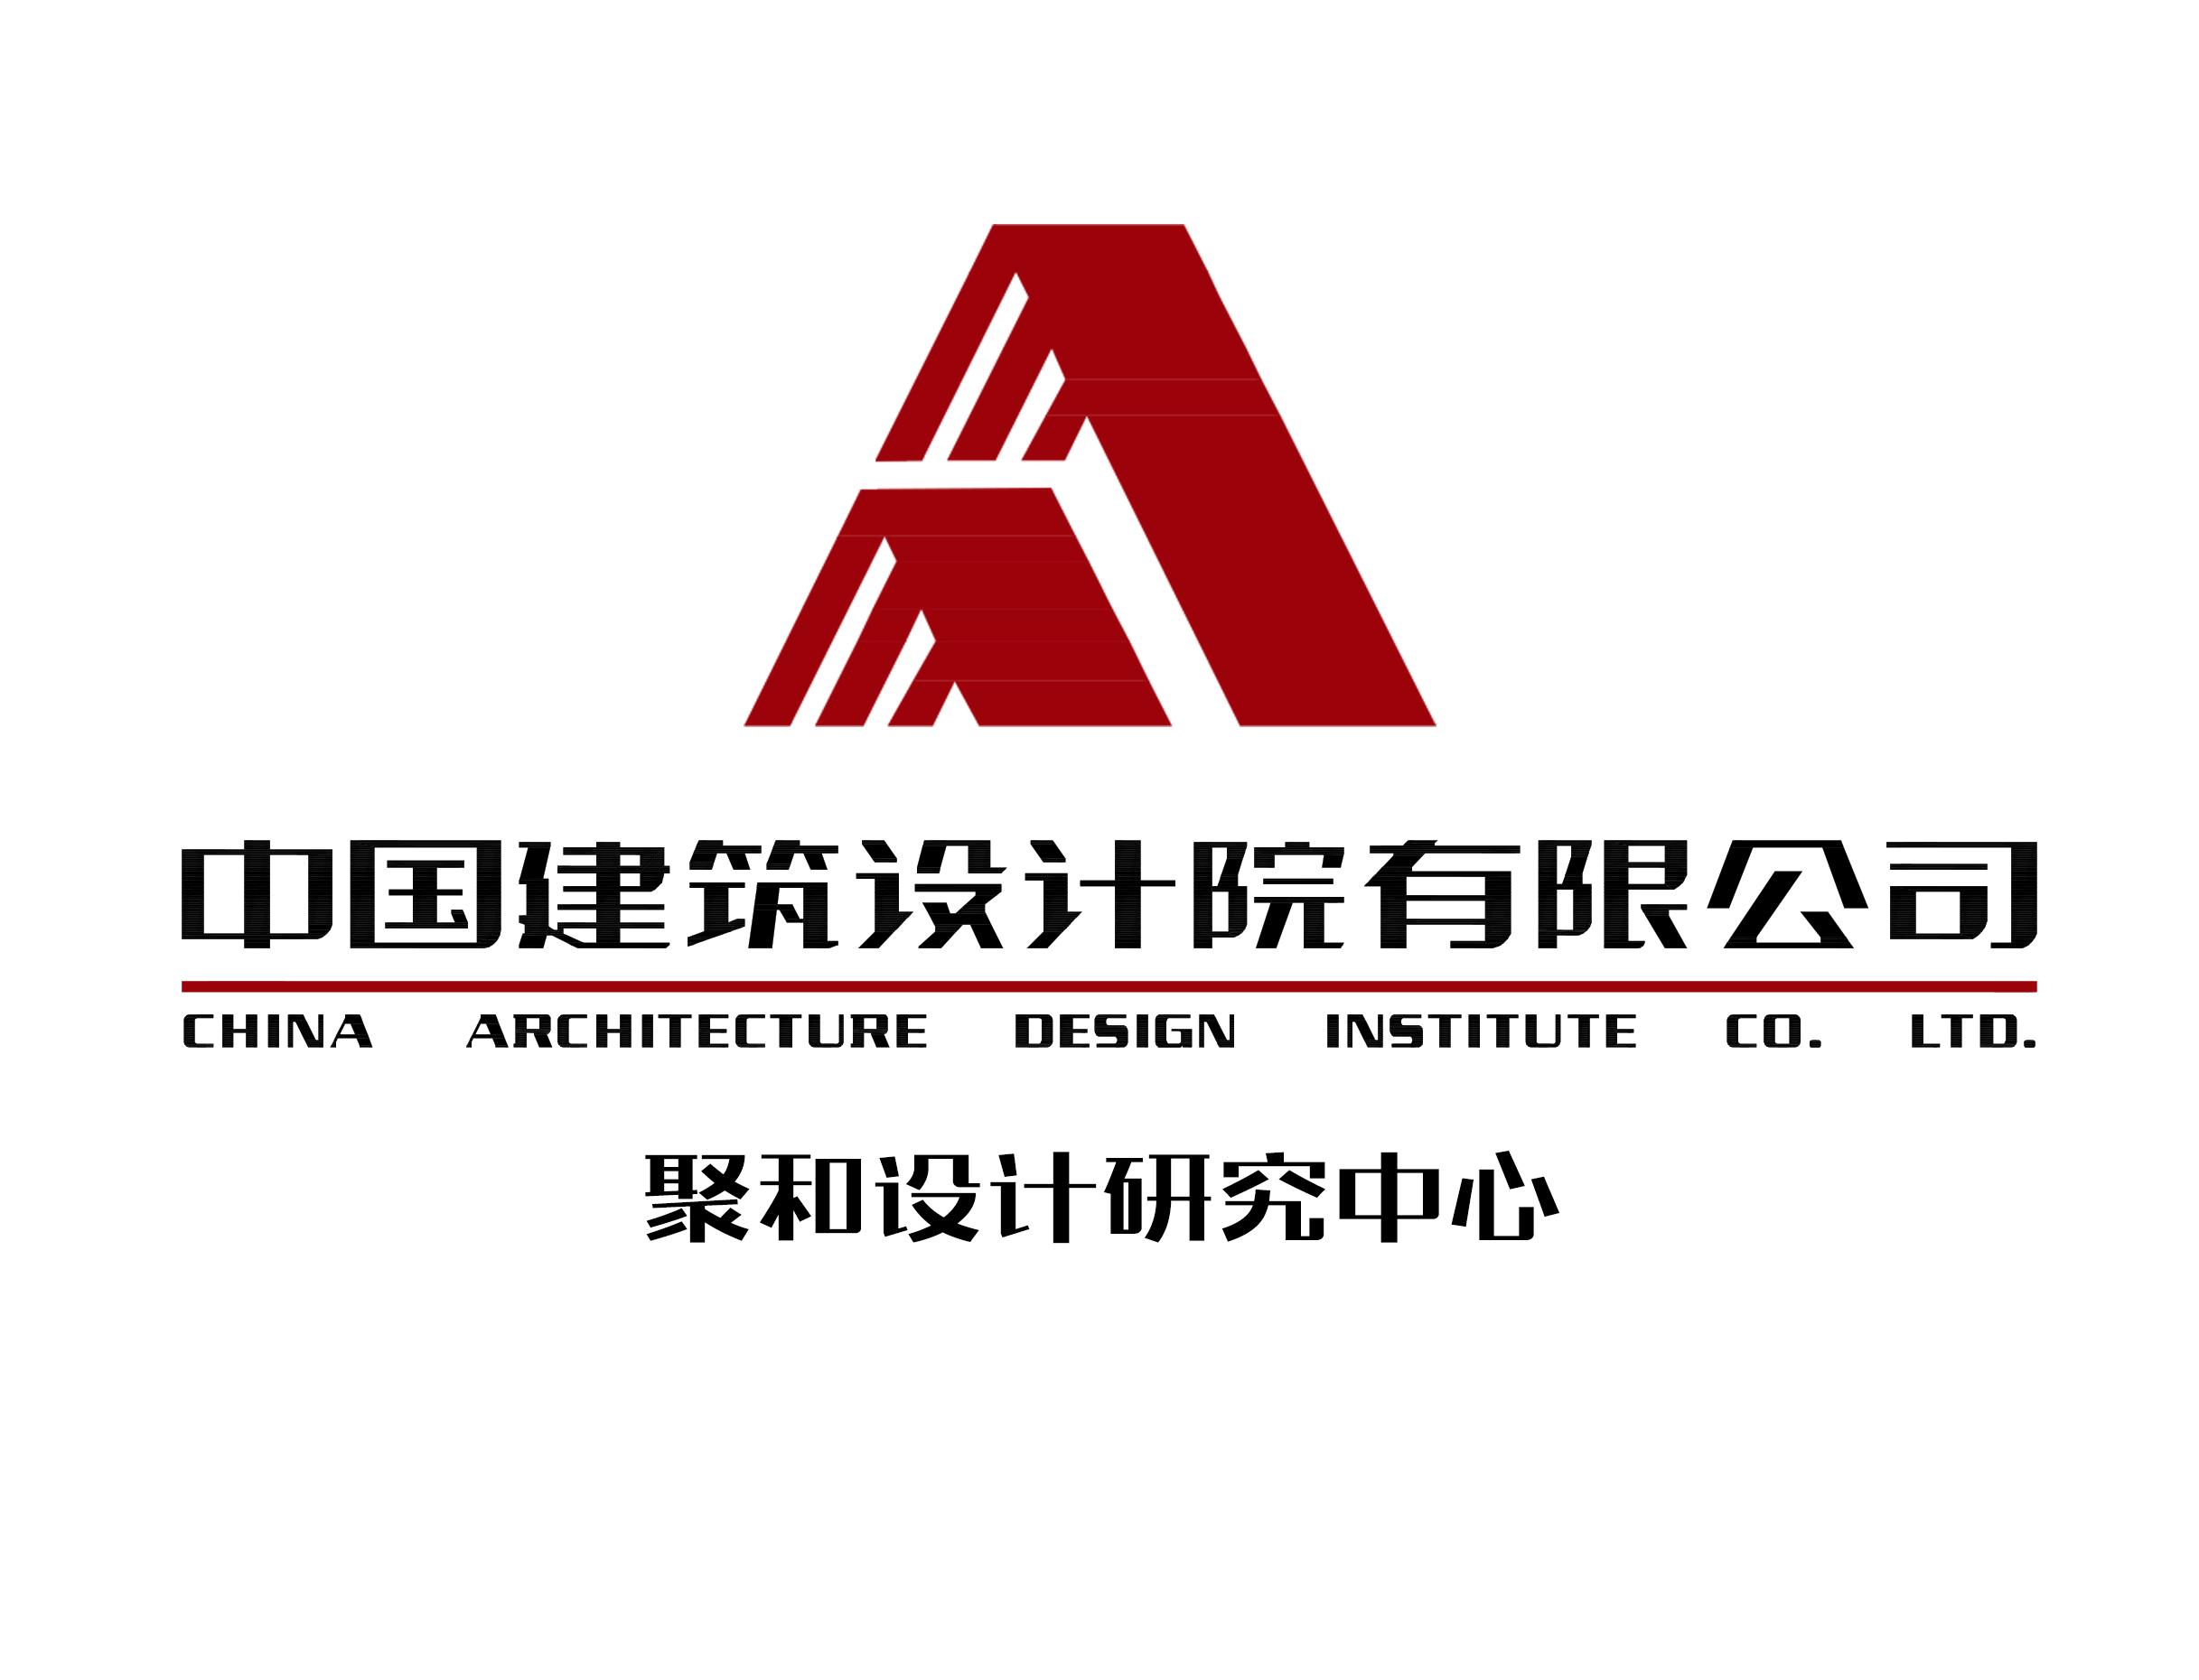 中国建筑设计院有限公司——聚和设计研究中心